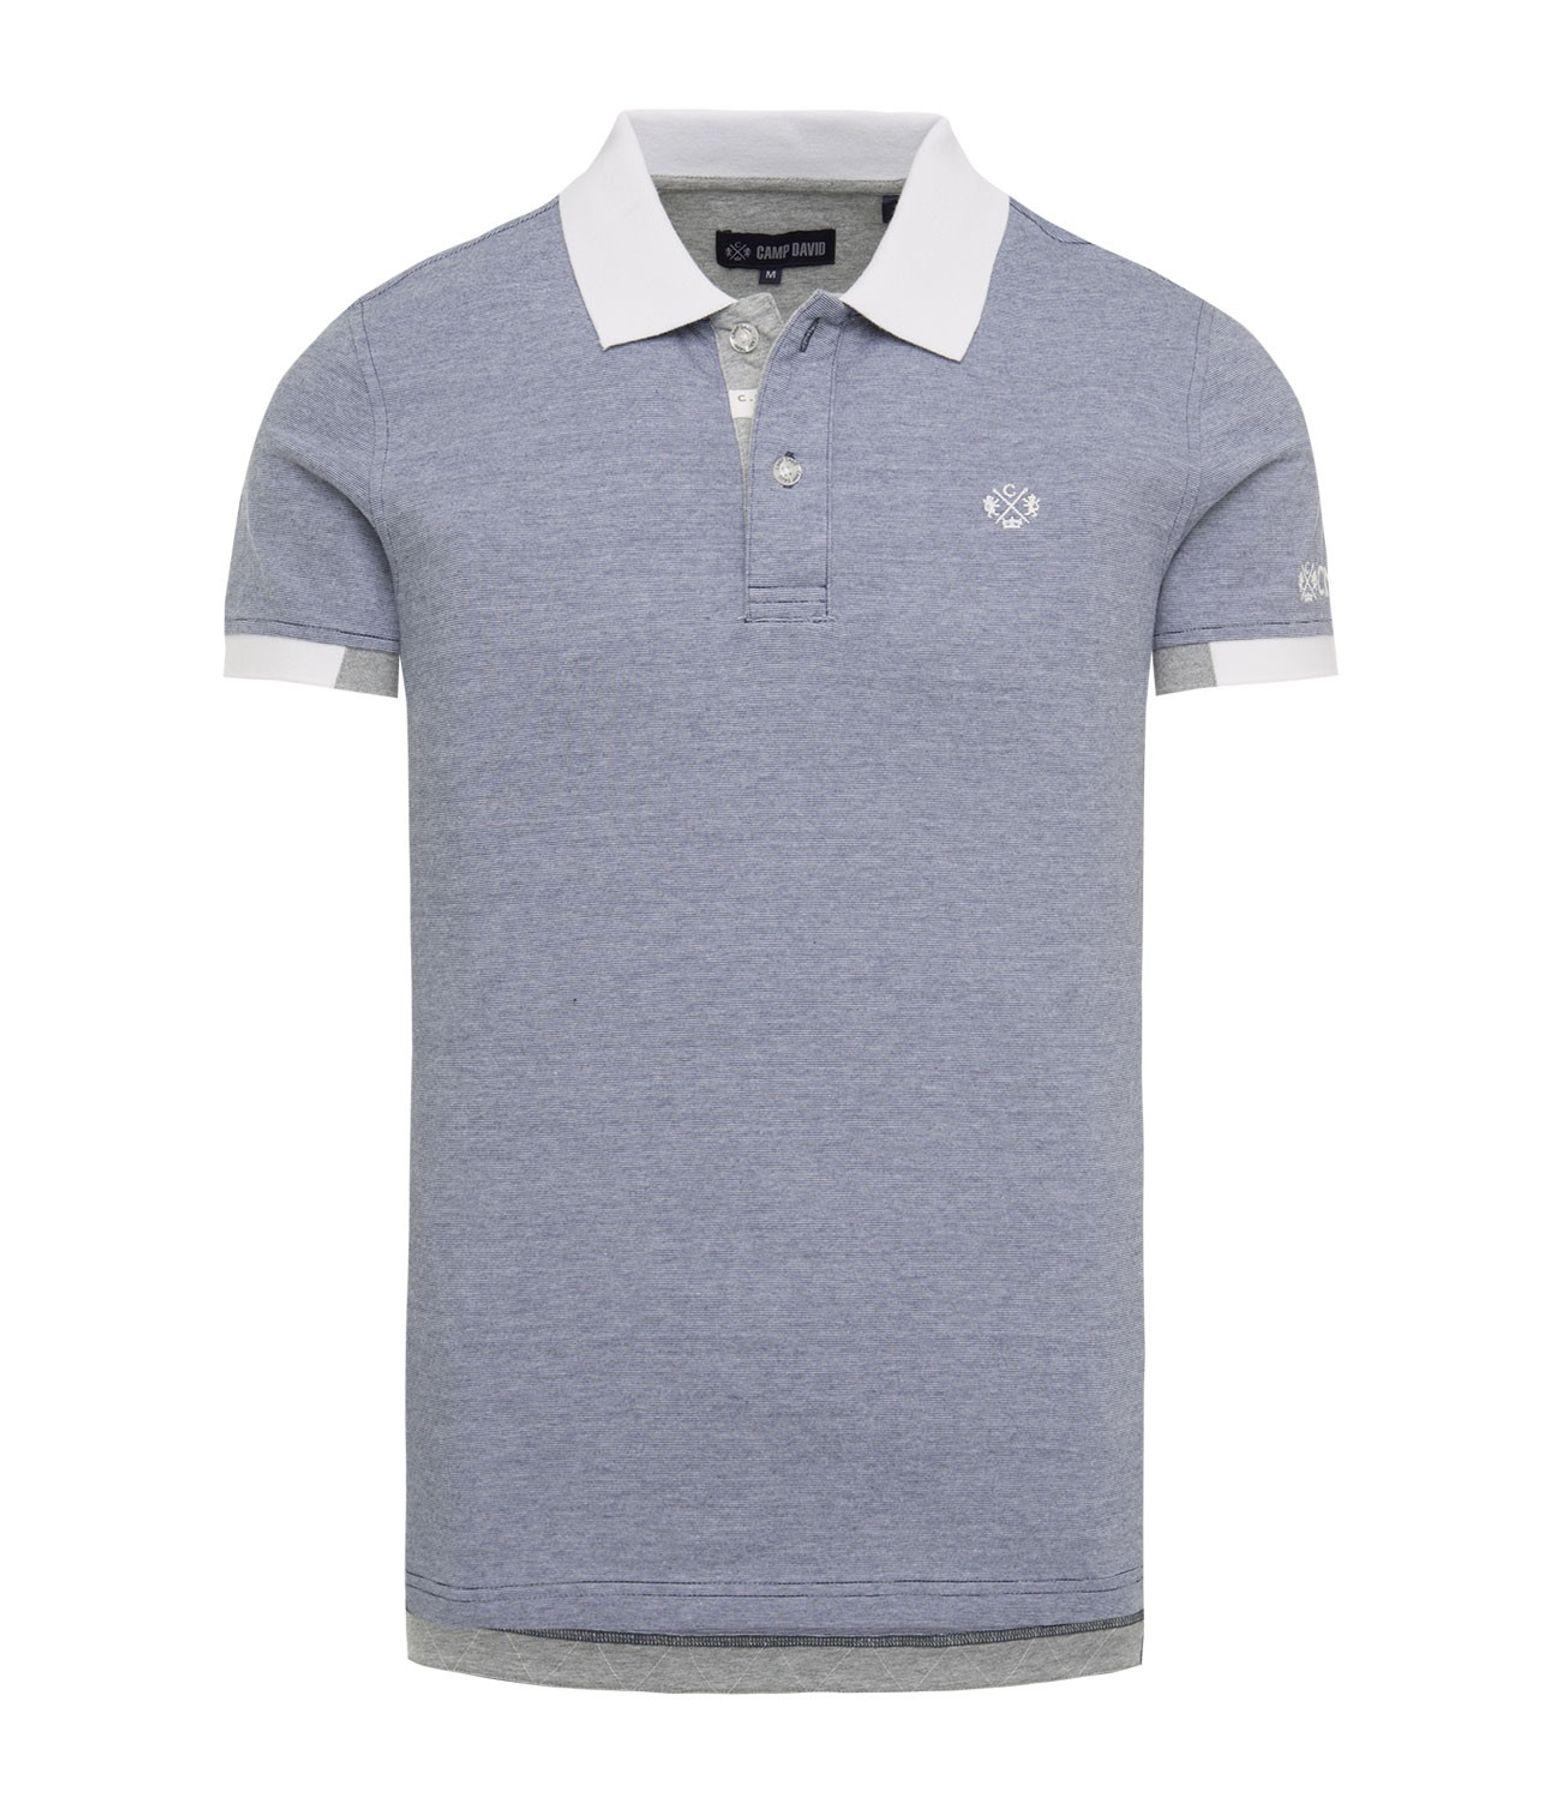 Camp David - Herren Polo-shirt in verschiedenen Farben, (CHS-1804-3027)  – Bild 1